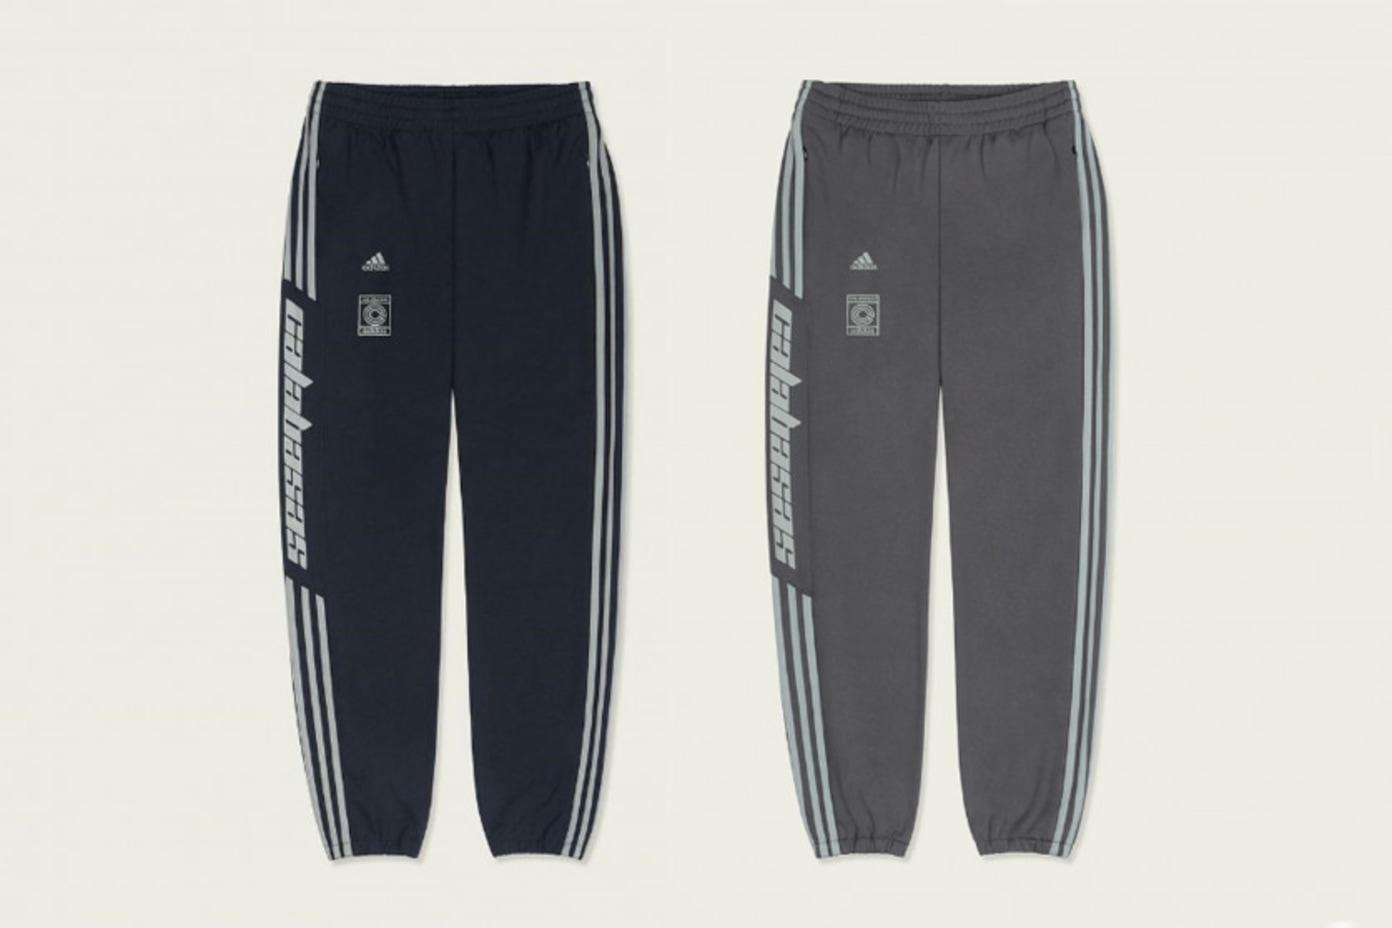 adidas x YEEZY Calabasas Trackpants in